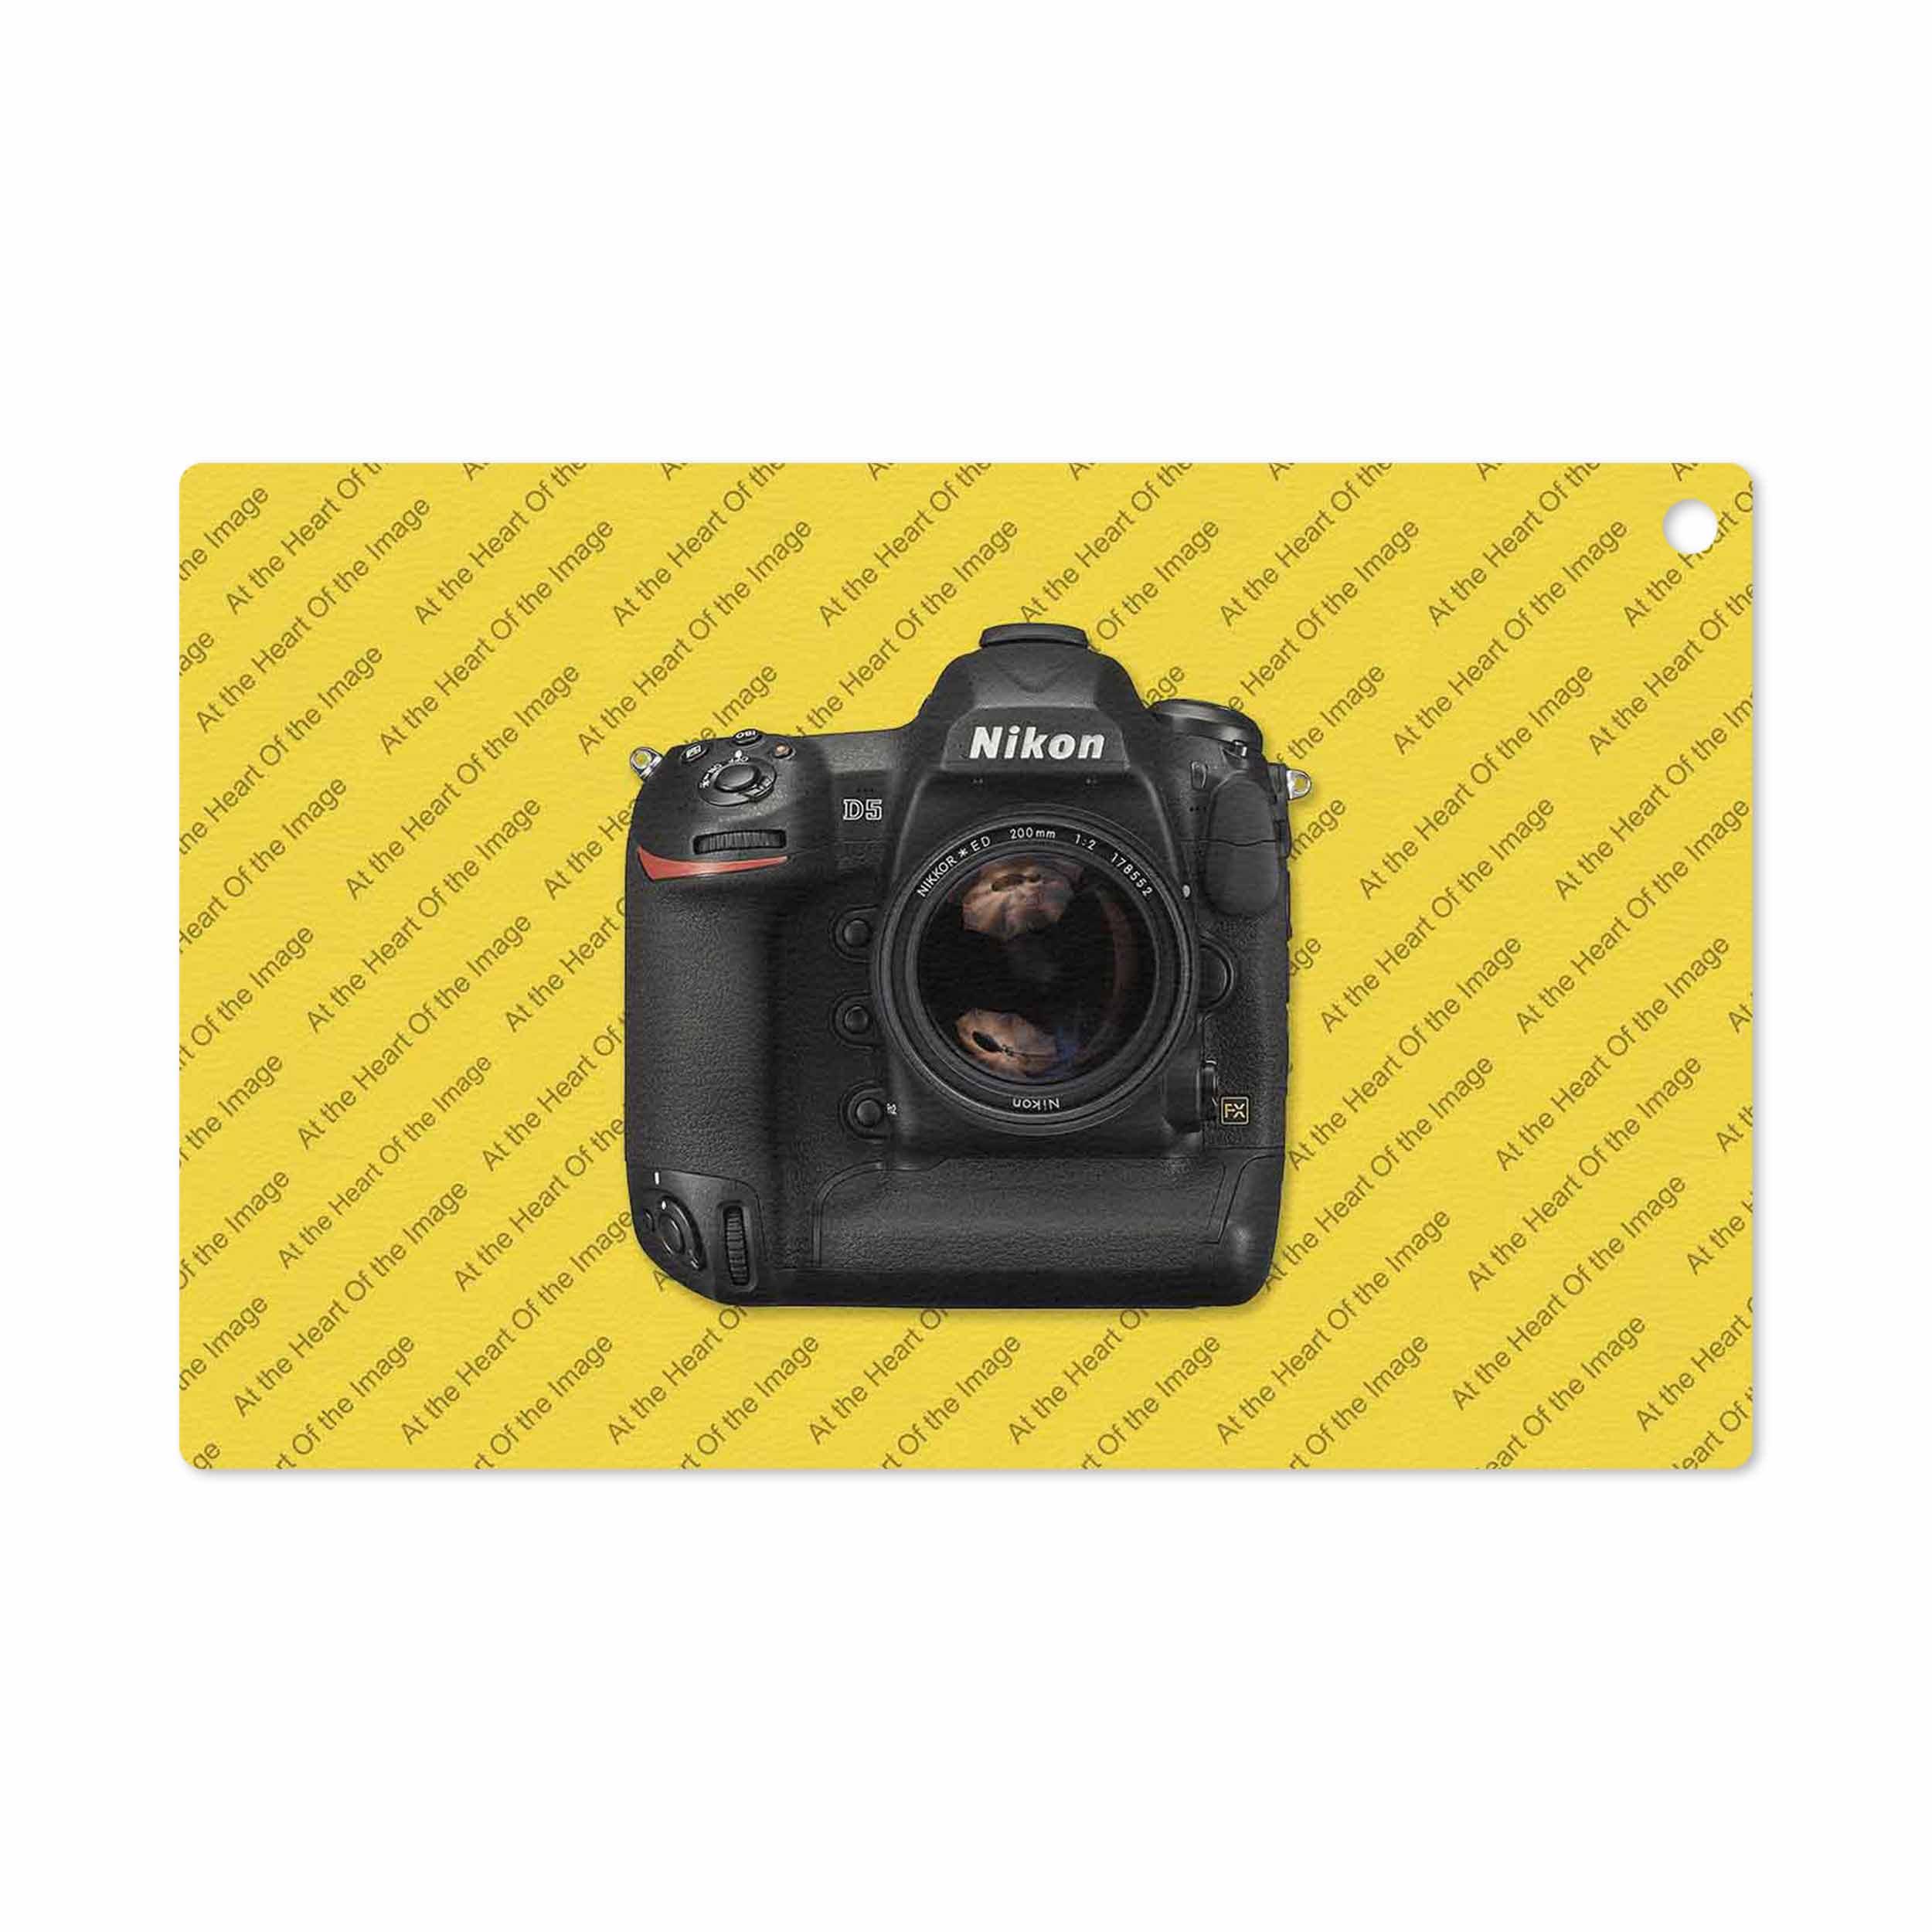 بررسی و خرید [با تخفیف]                                     برچسب پوششی ماهوت مدل Nikon-Logo مناسب برای تبلت سونی Xperia Z2 Tablet LTE 2014                             اورجینال